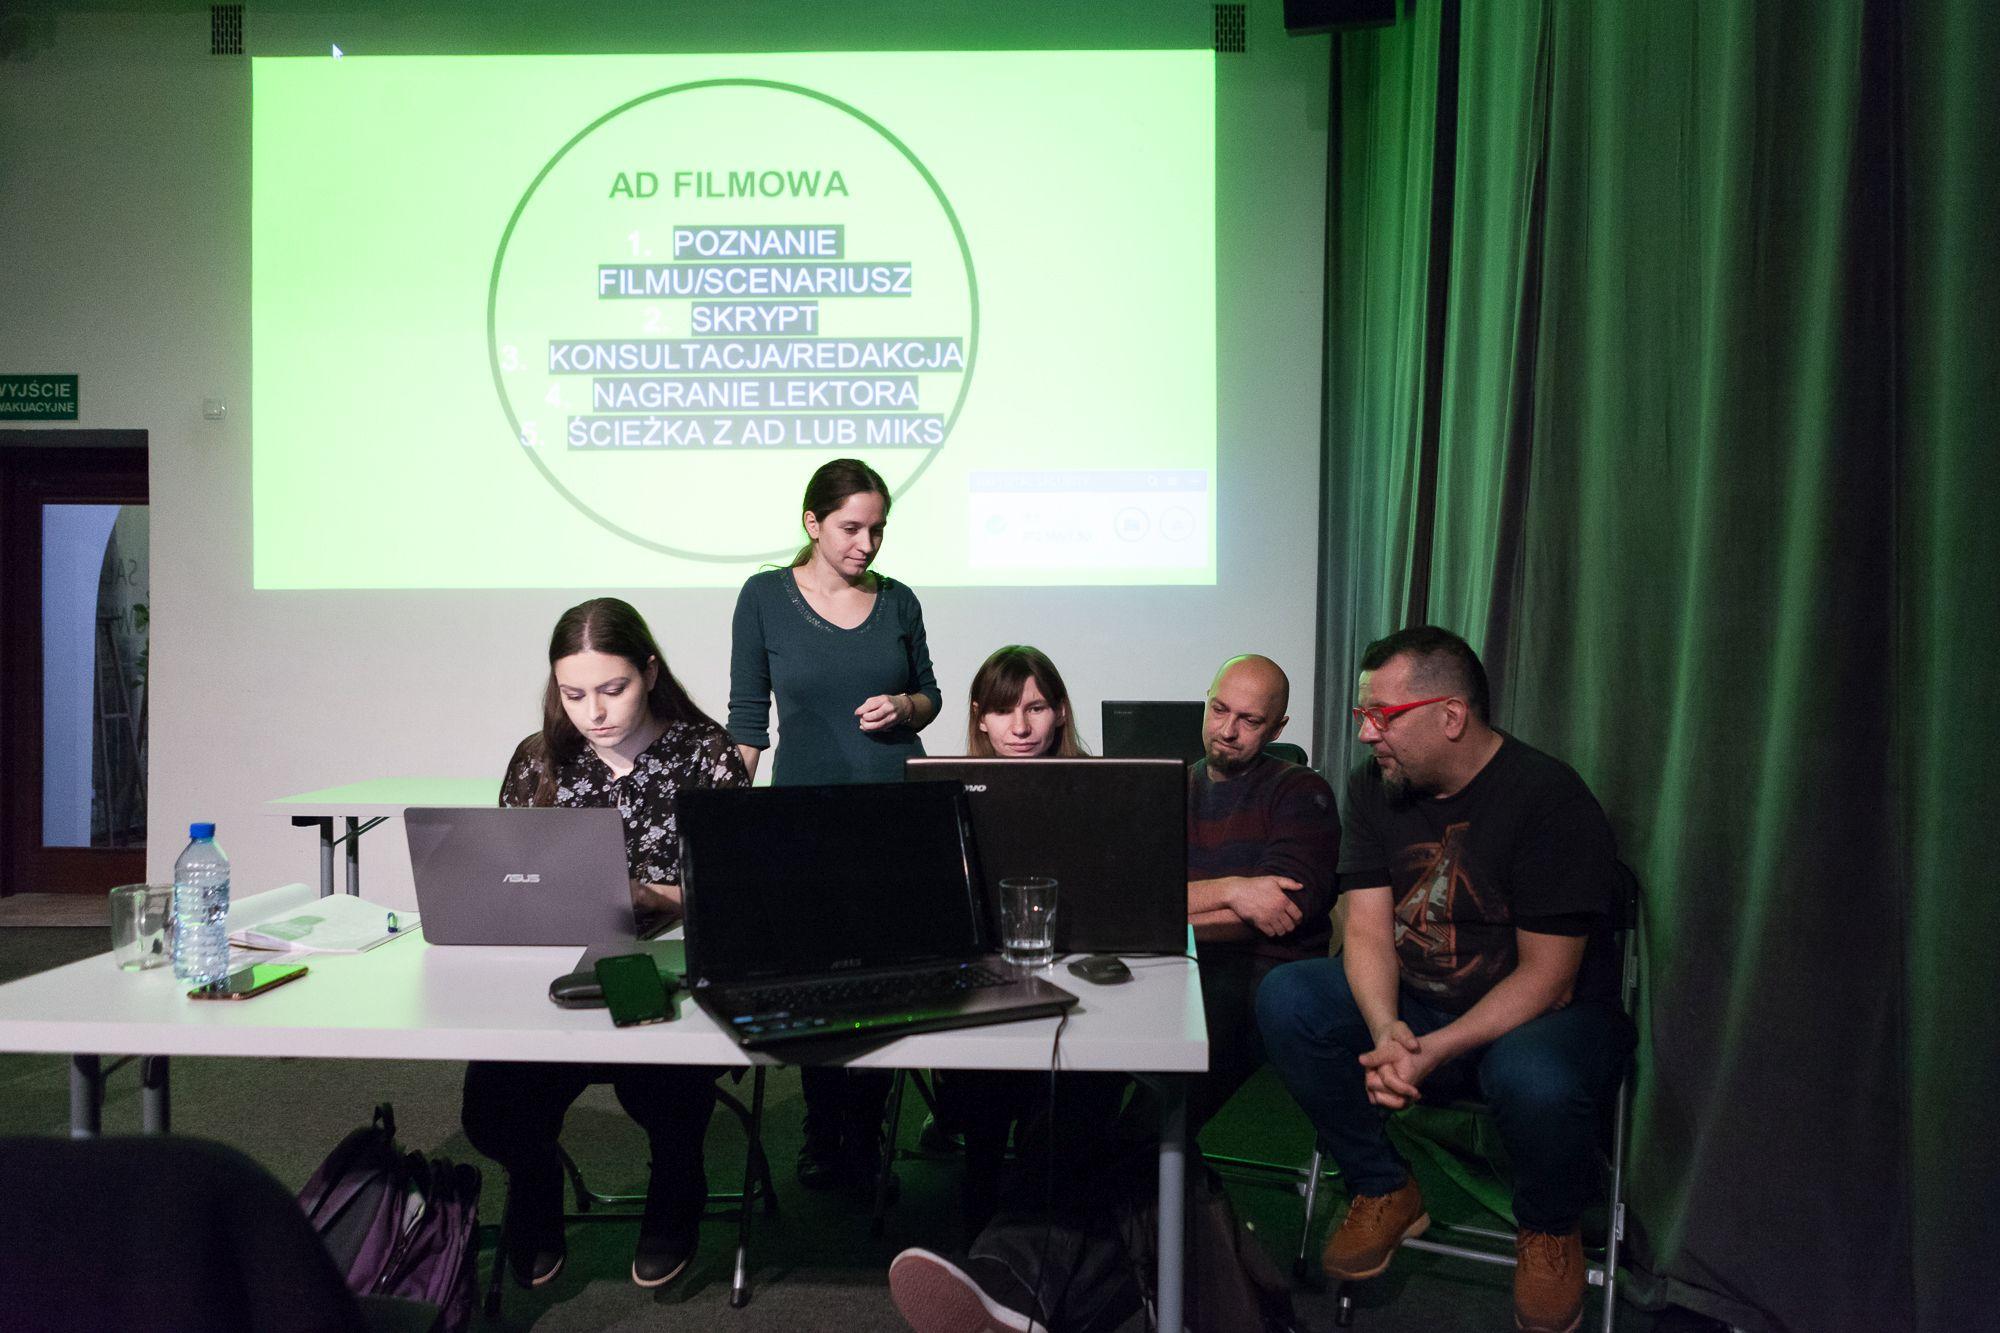 Inkubator Kultury | Audiodeskrypcja  [Na zdjęciu uczestnicy pracują w grupach, siedząc przed komputerami, za nimi wyświetlony jest slajd ( Ad filmowa). ]